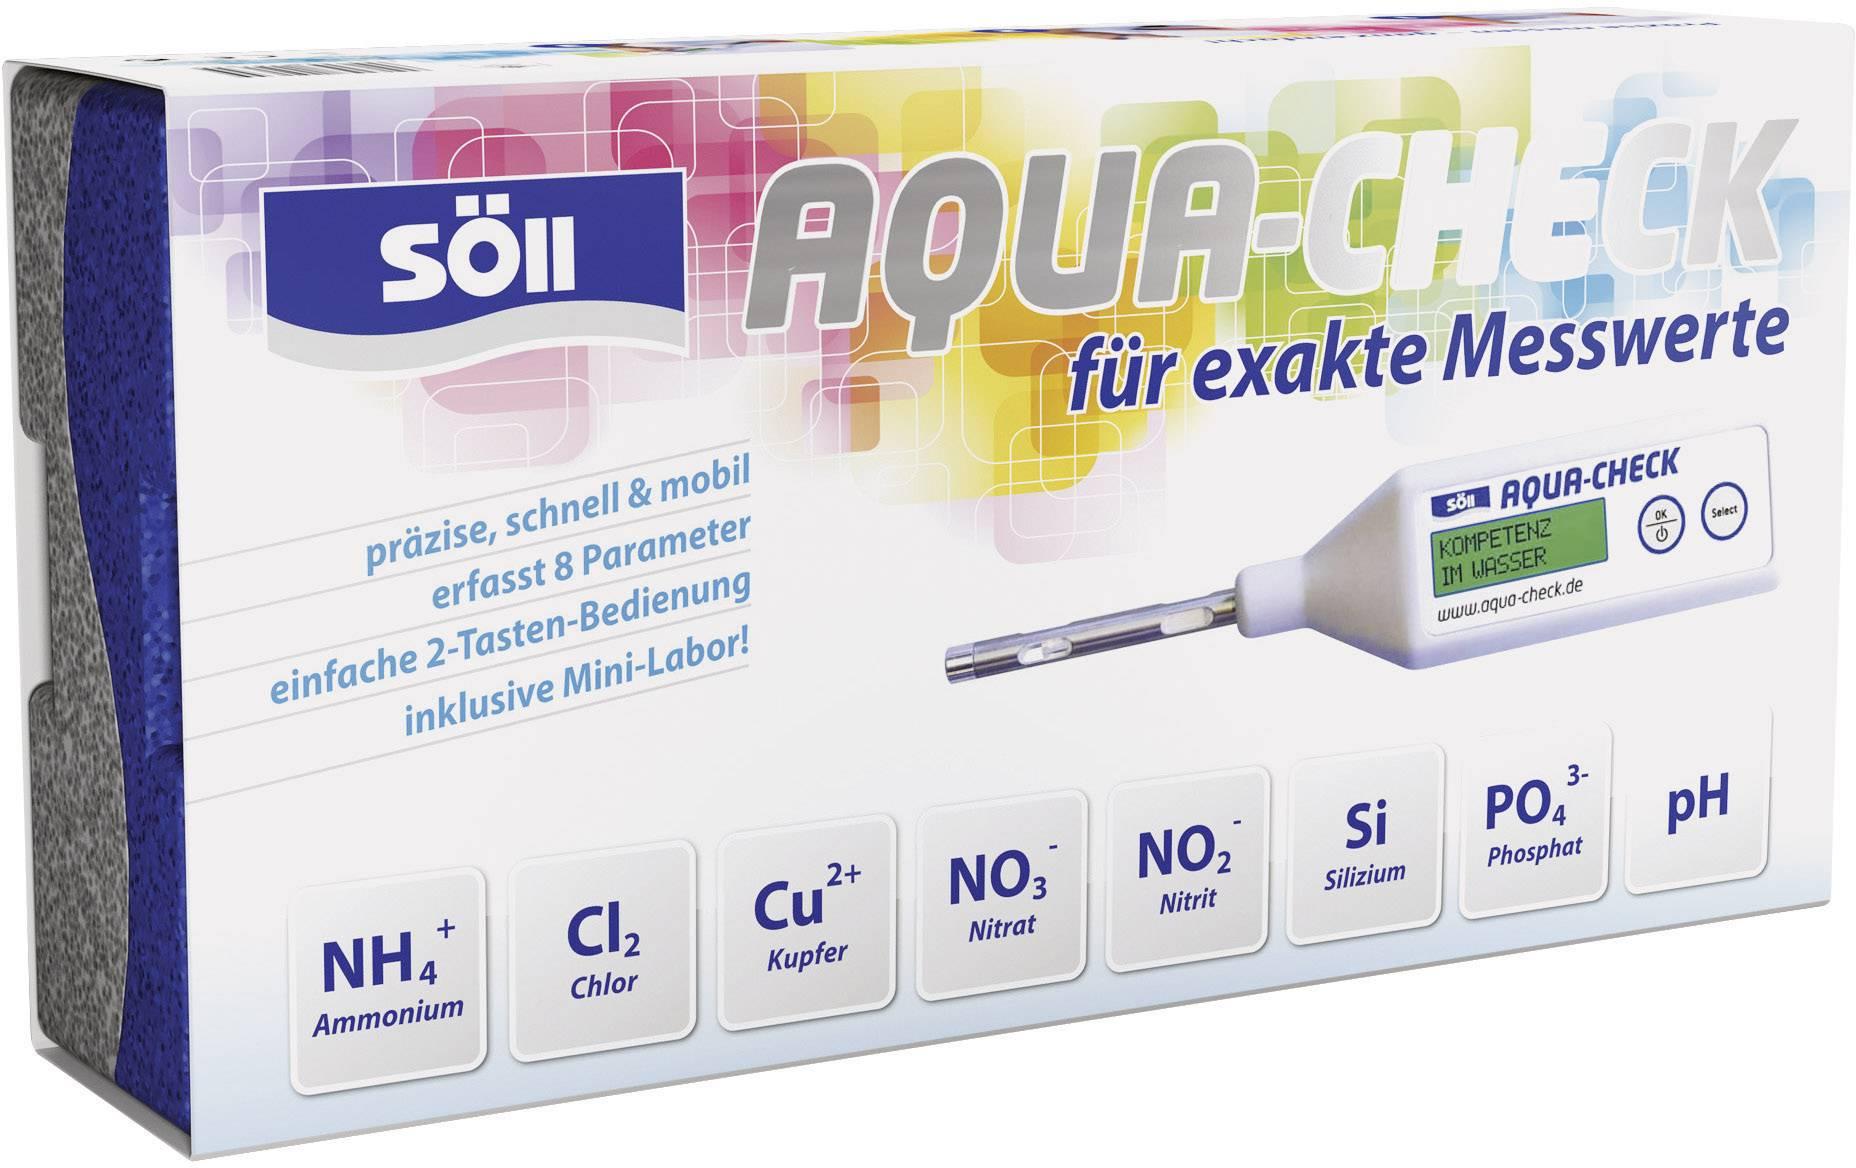 Merač koncentrácie látok vo vode Söll Aqua-Check, NH4 +/NO3-/NO2-/Cl2/Si/Cu2 +/PO4, 15165